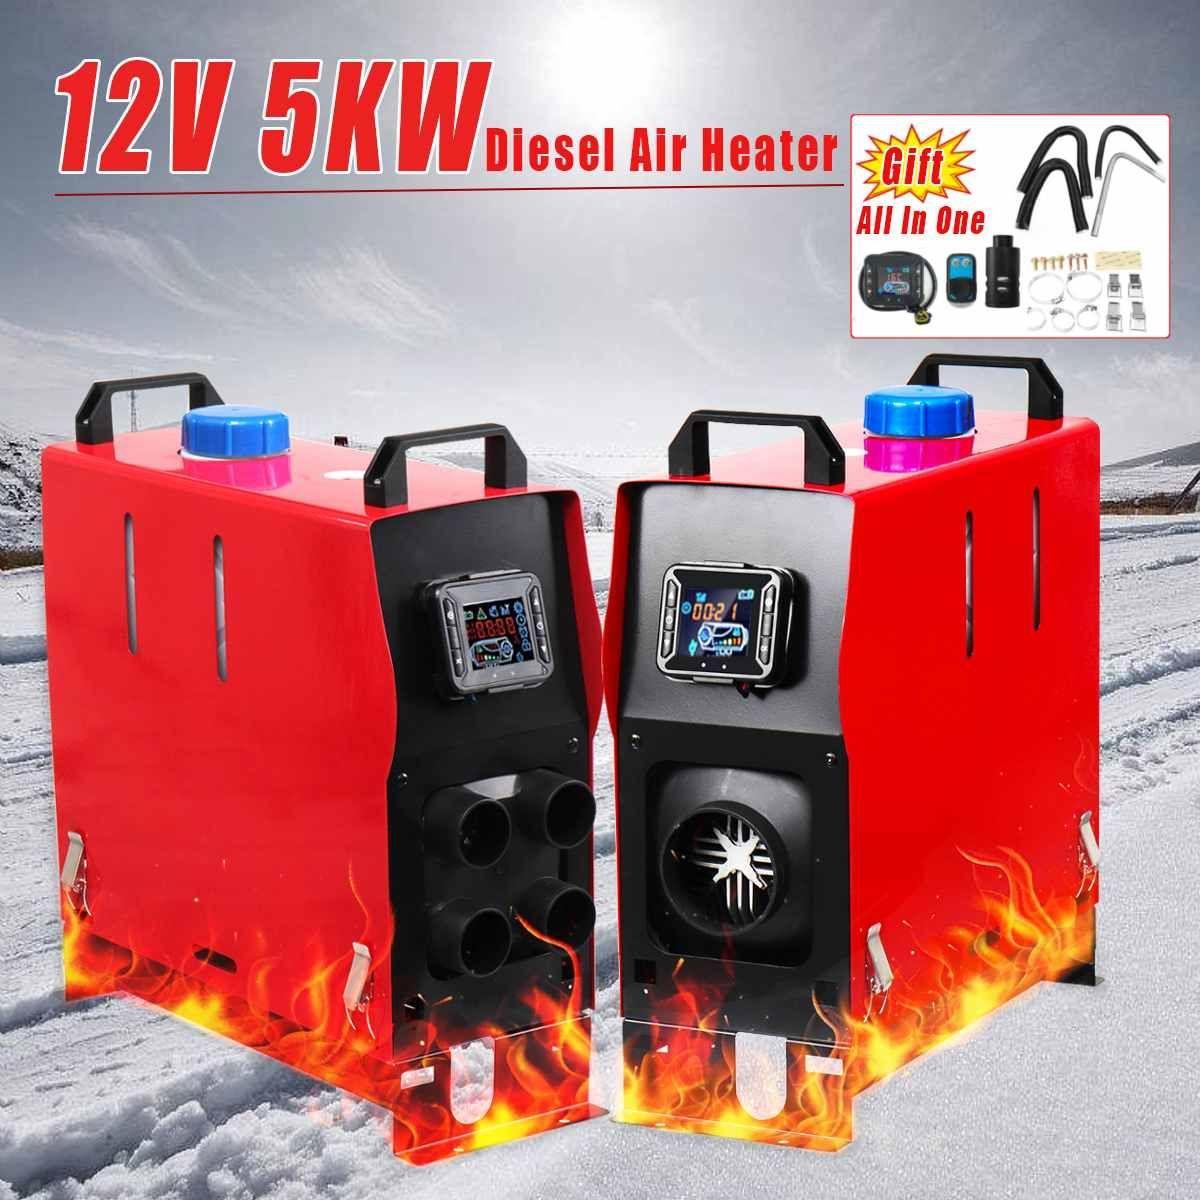 Mit Fernbedienung Monitor 12 V 5KW Alle In 1 LCD 1/4 Löcher Diesel-Luft Heizung PLANAREN Für Auto lkw Anhänger Geräuscharm Automatische